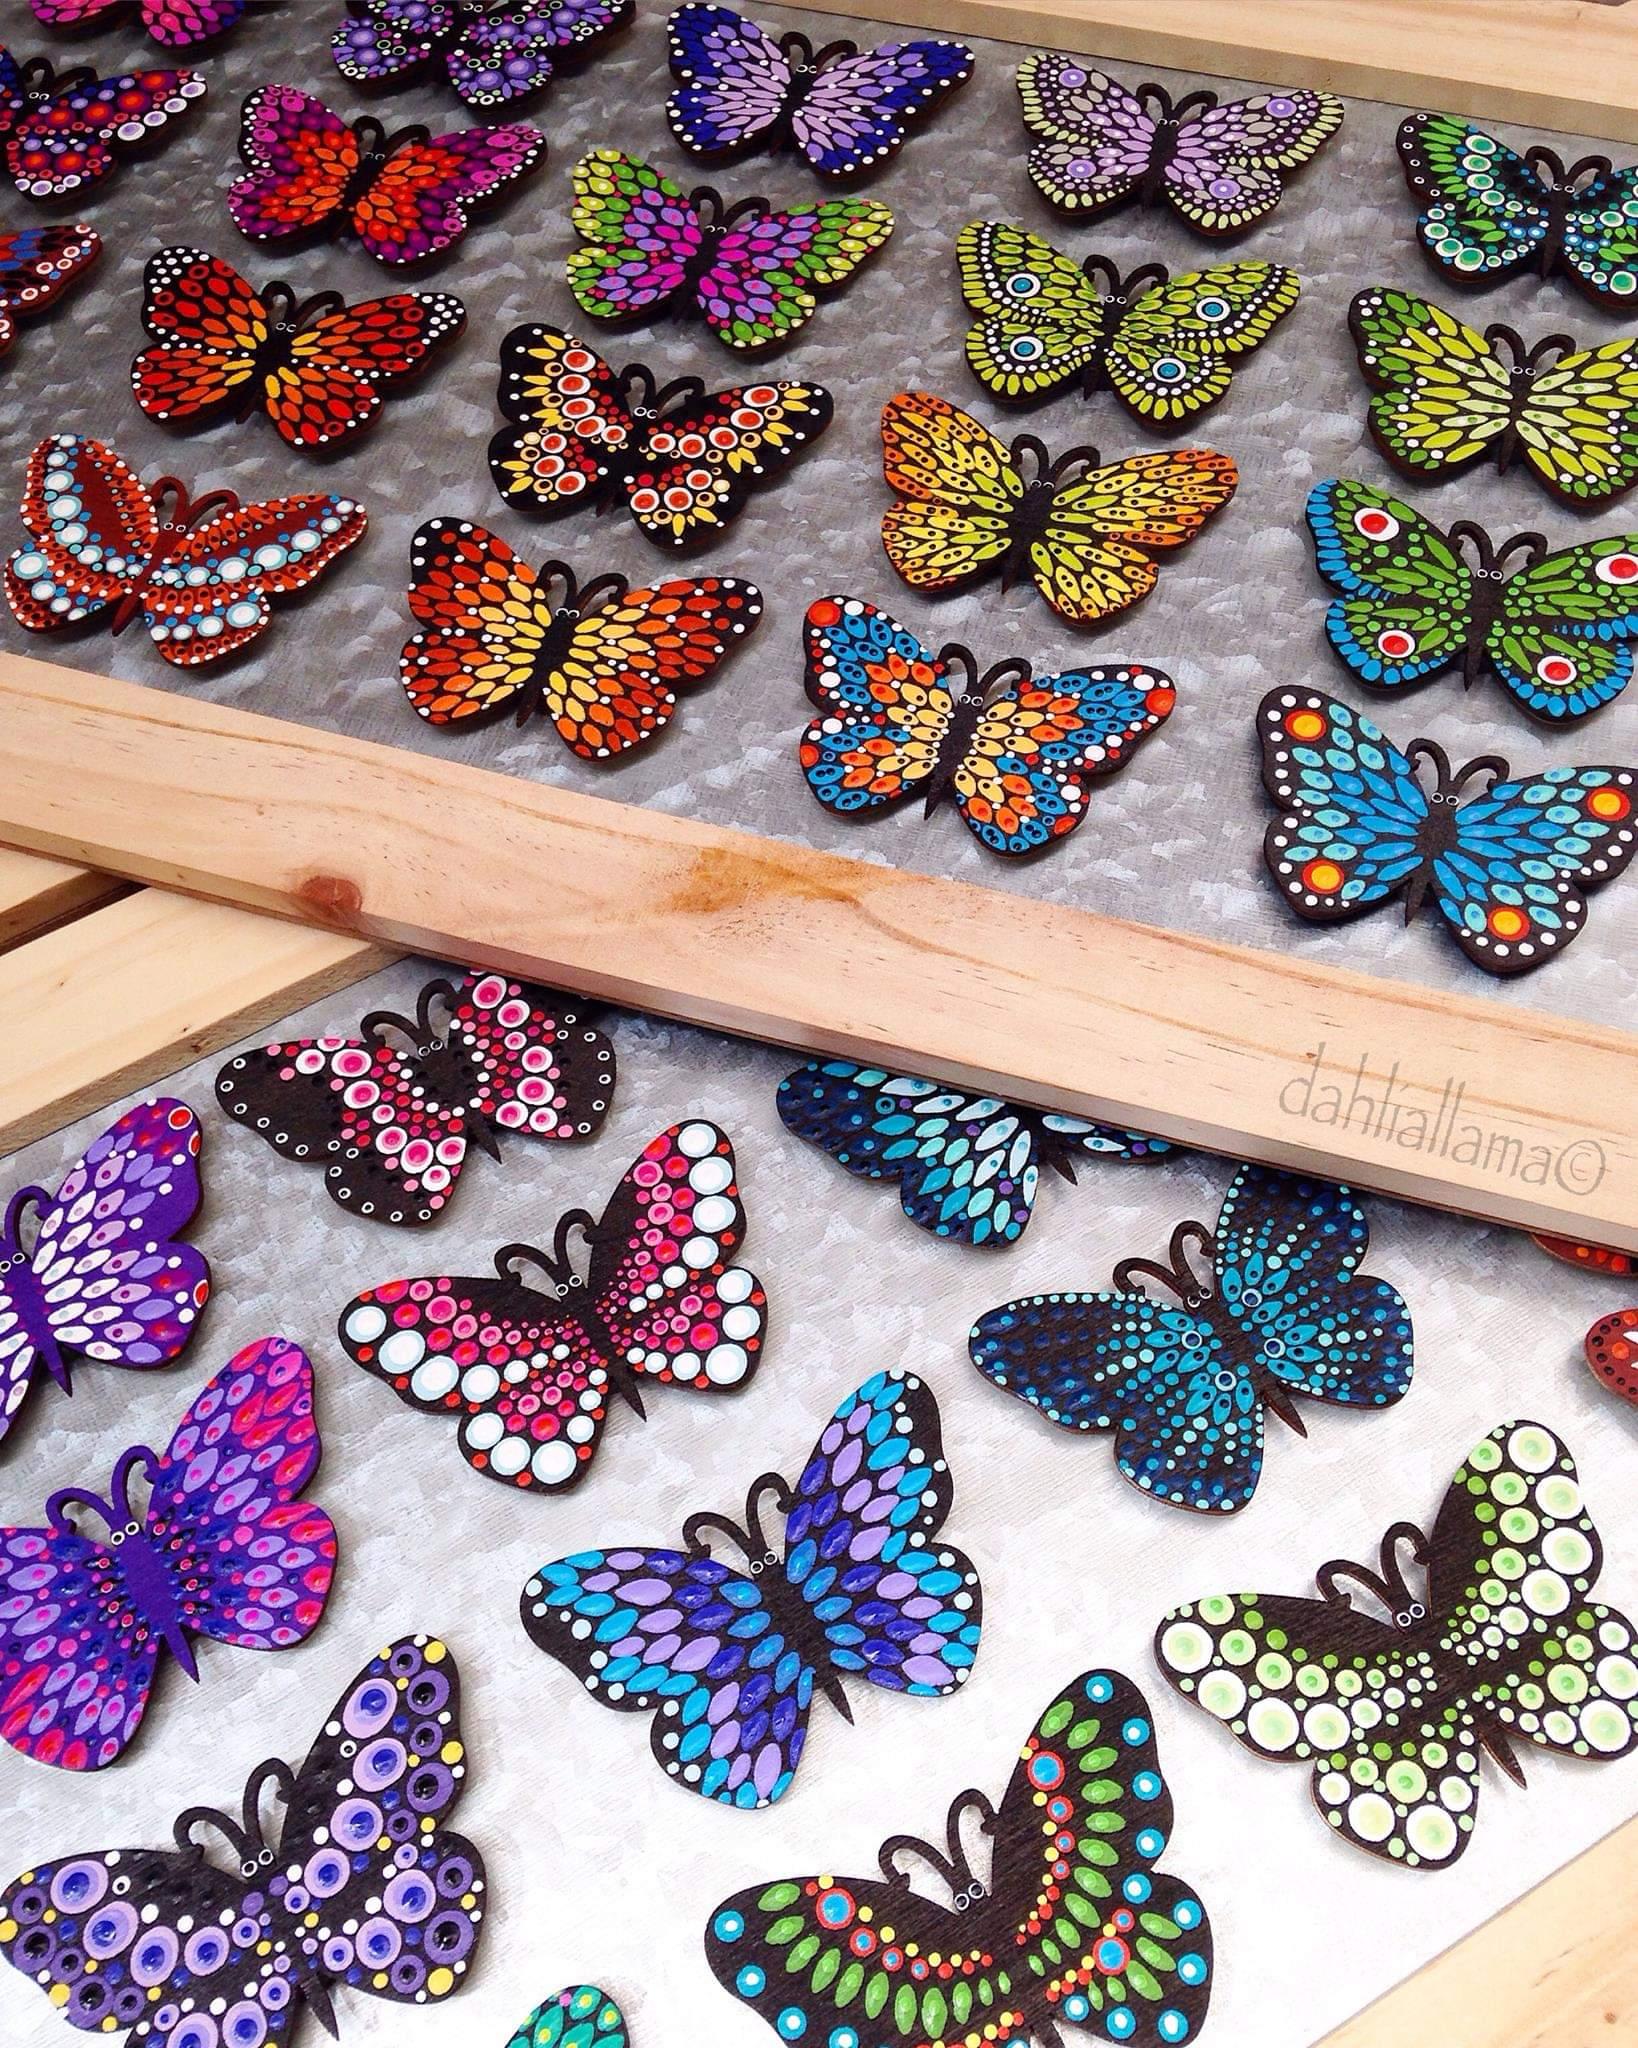 c.ramsey butterflies